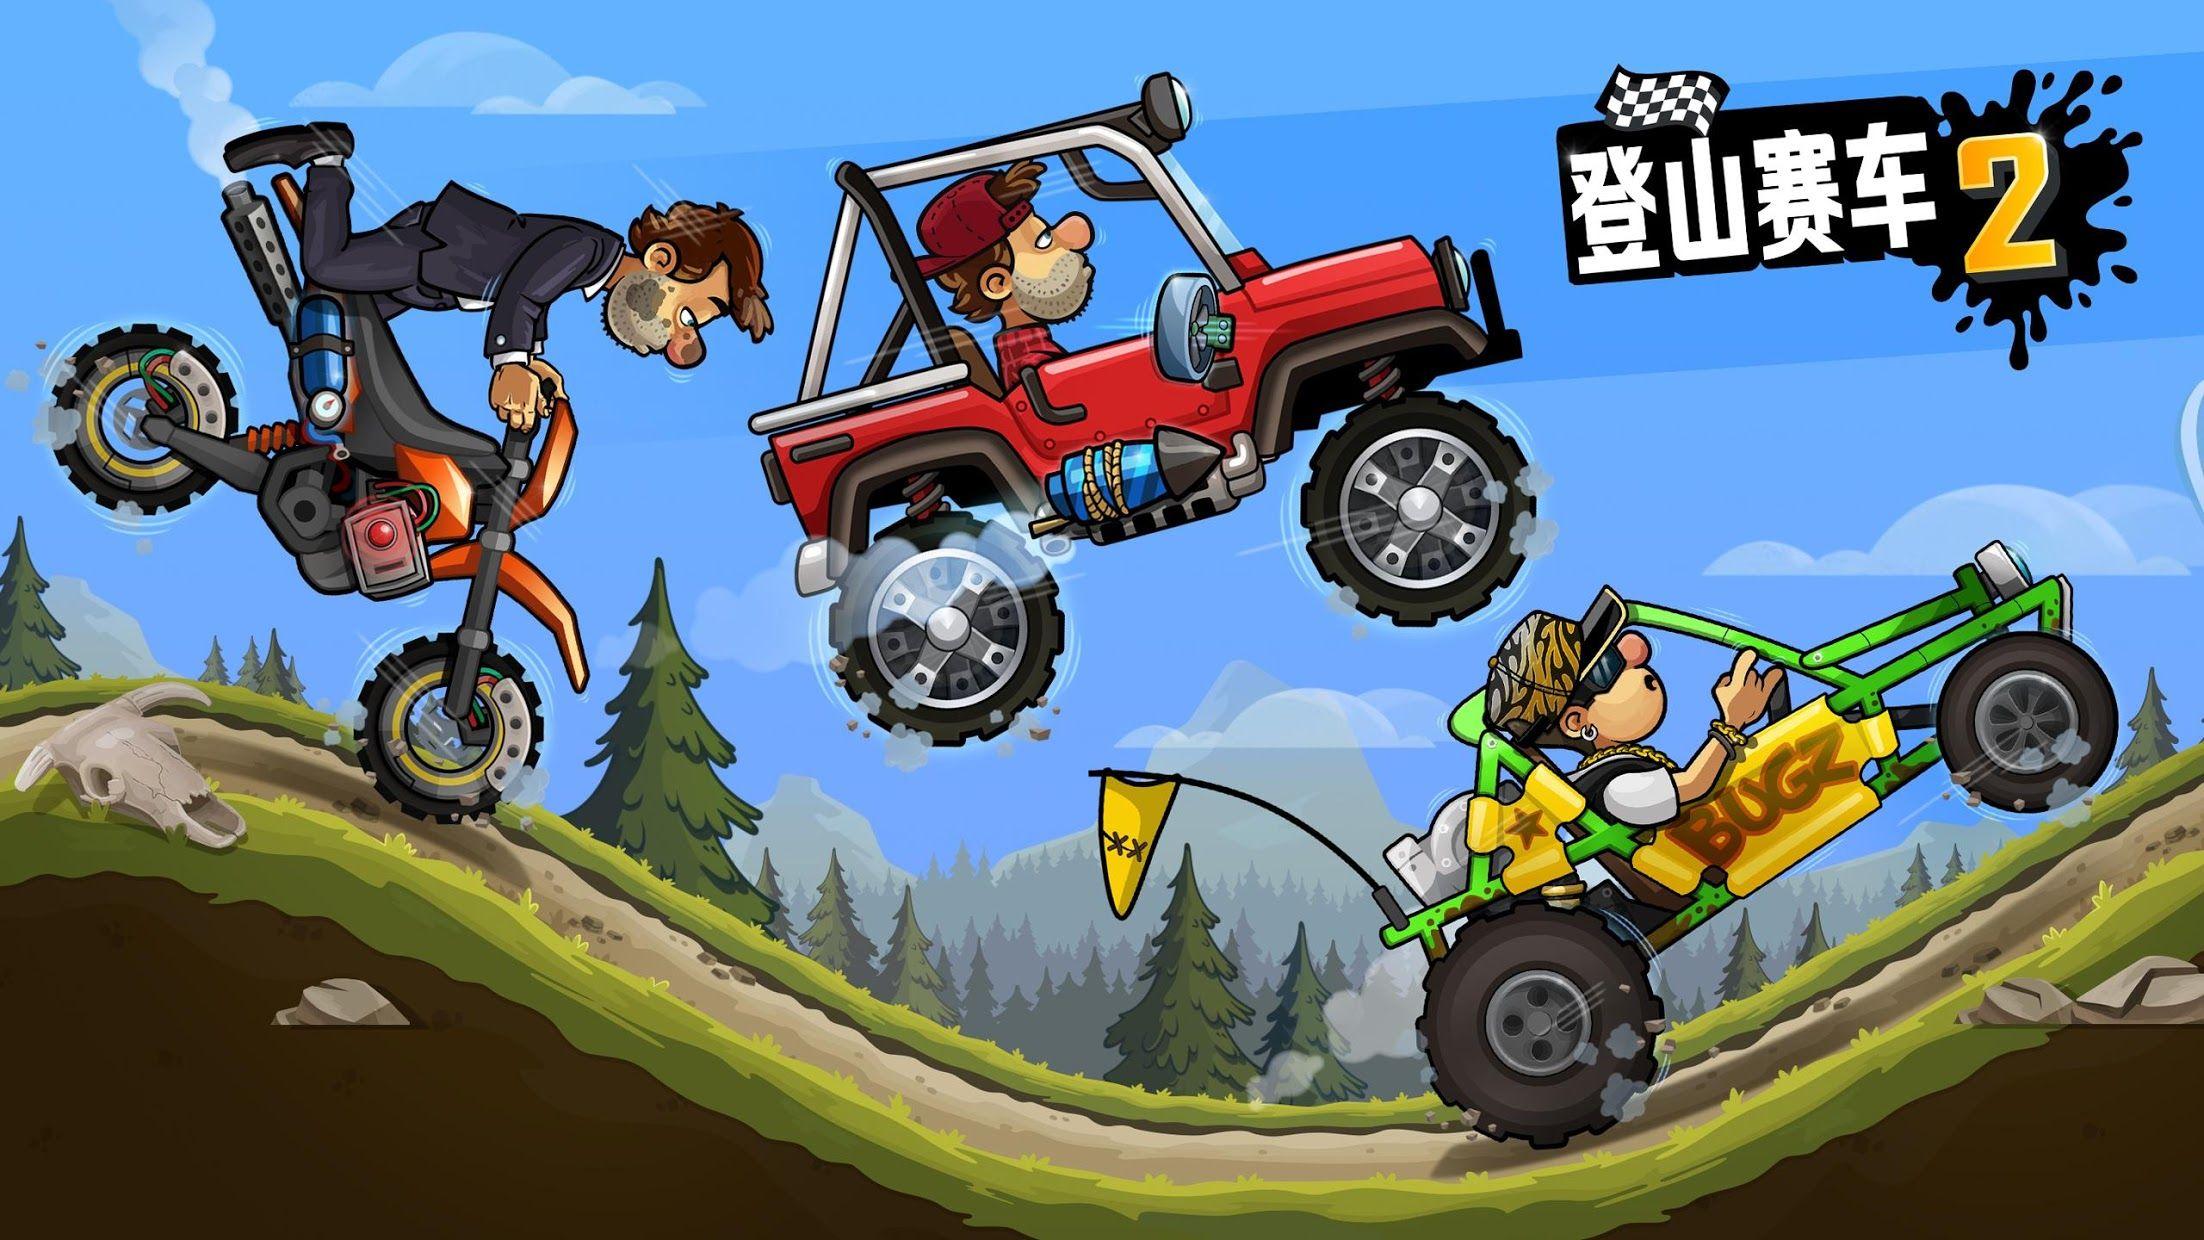 登山赛车2 - Hill Climb Racing 2 游戏截图1